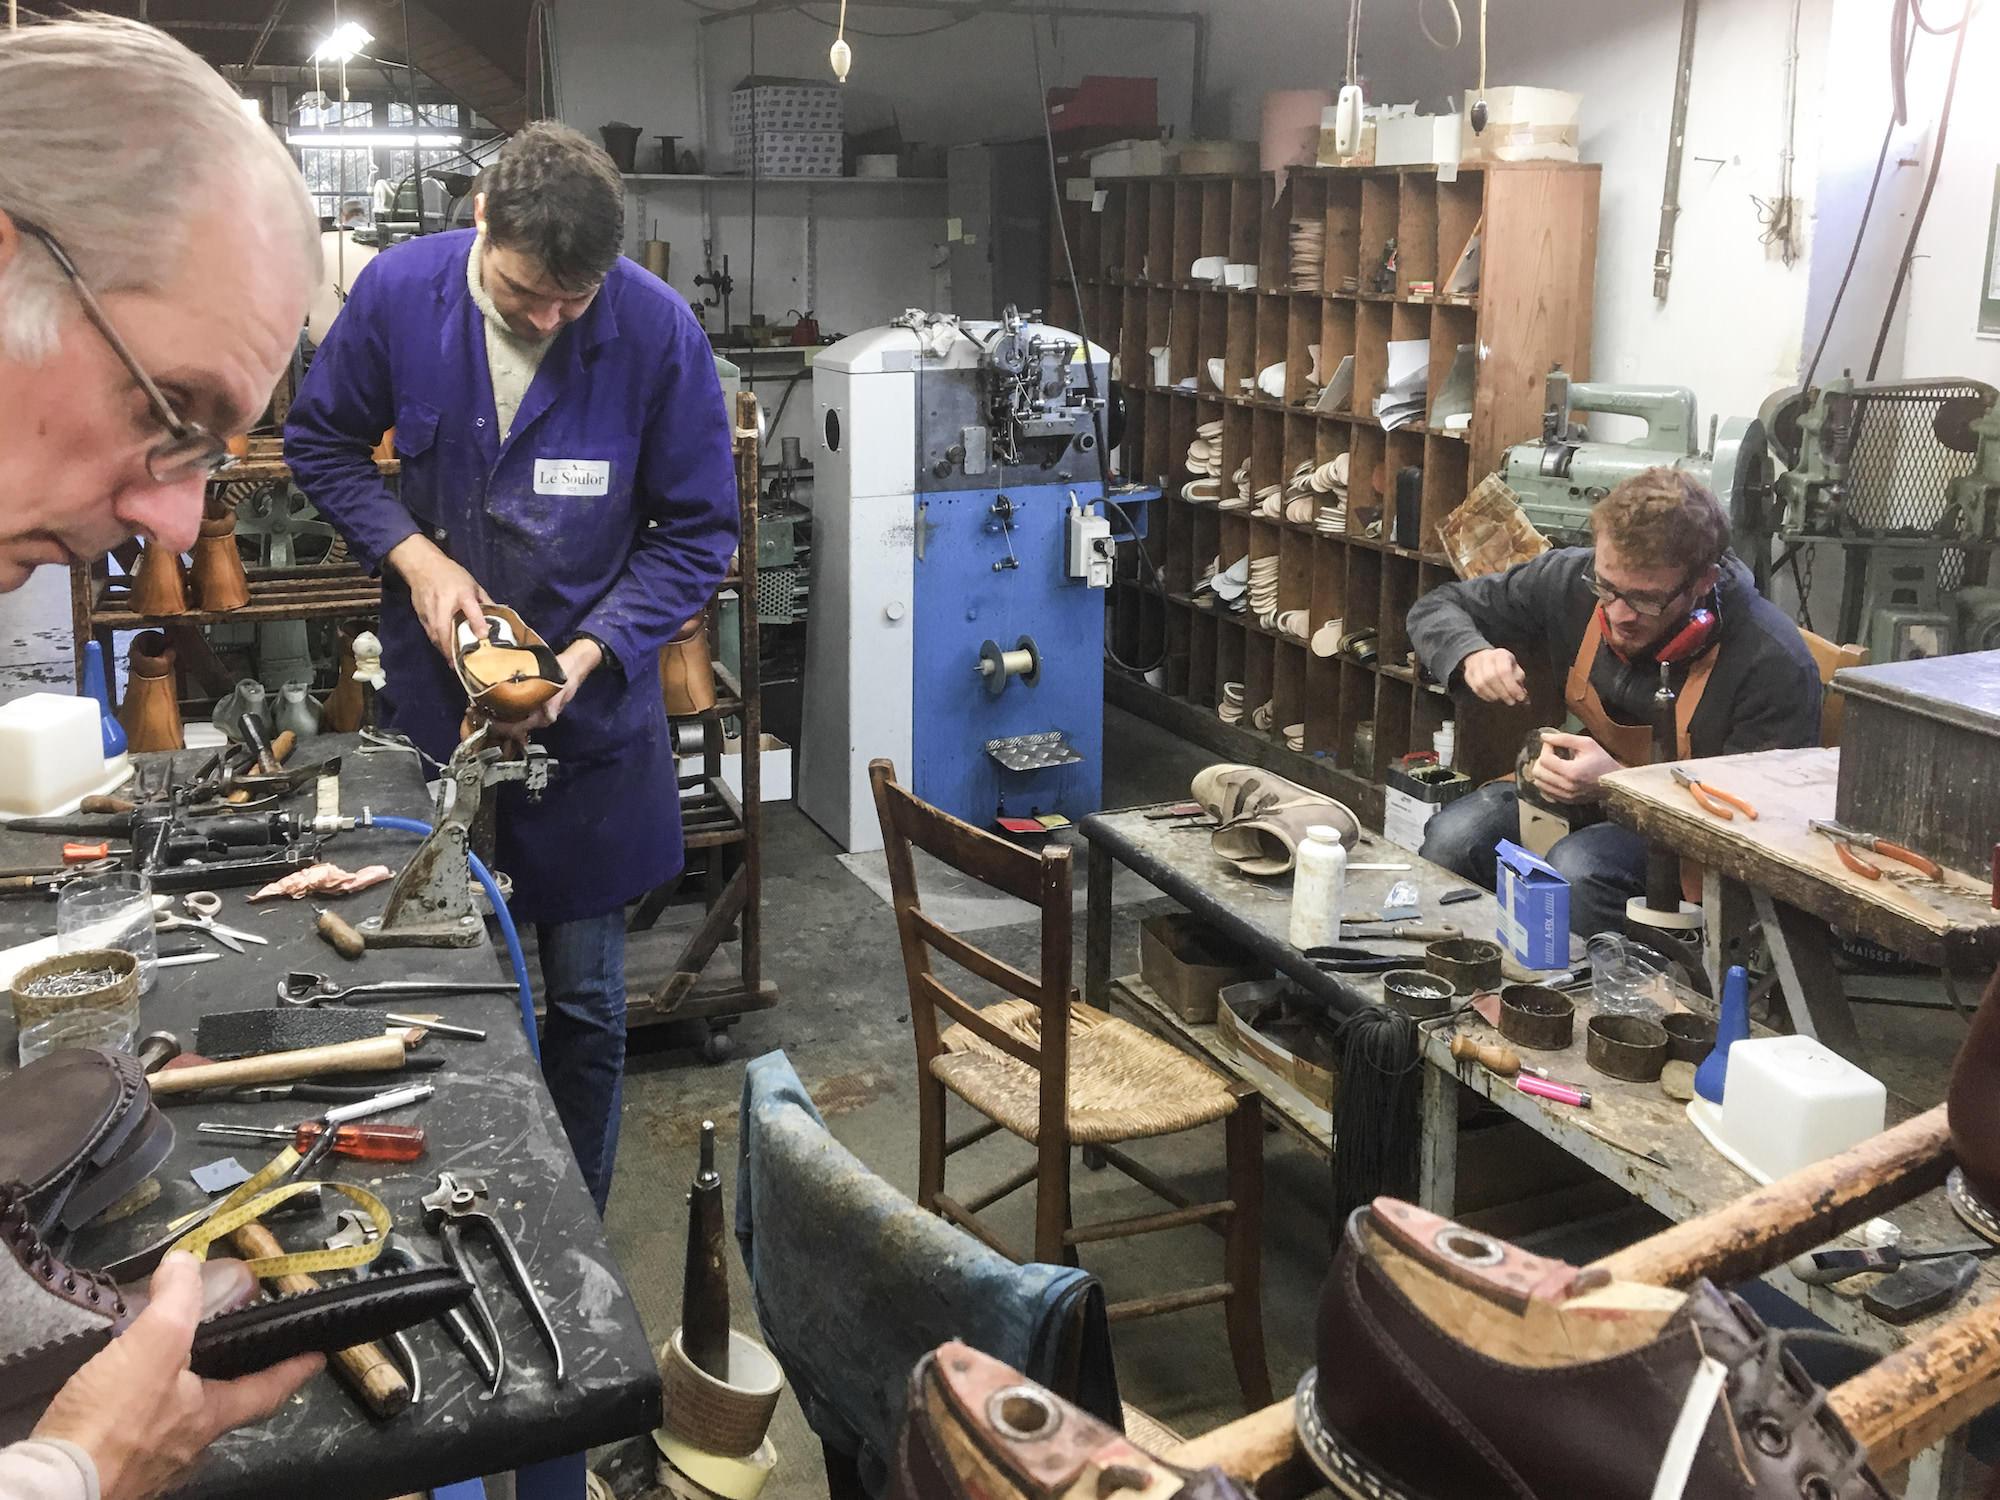 fabrication des chaussures le soulor dans l atelier de pontacq